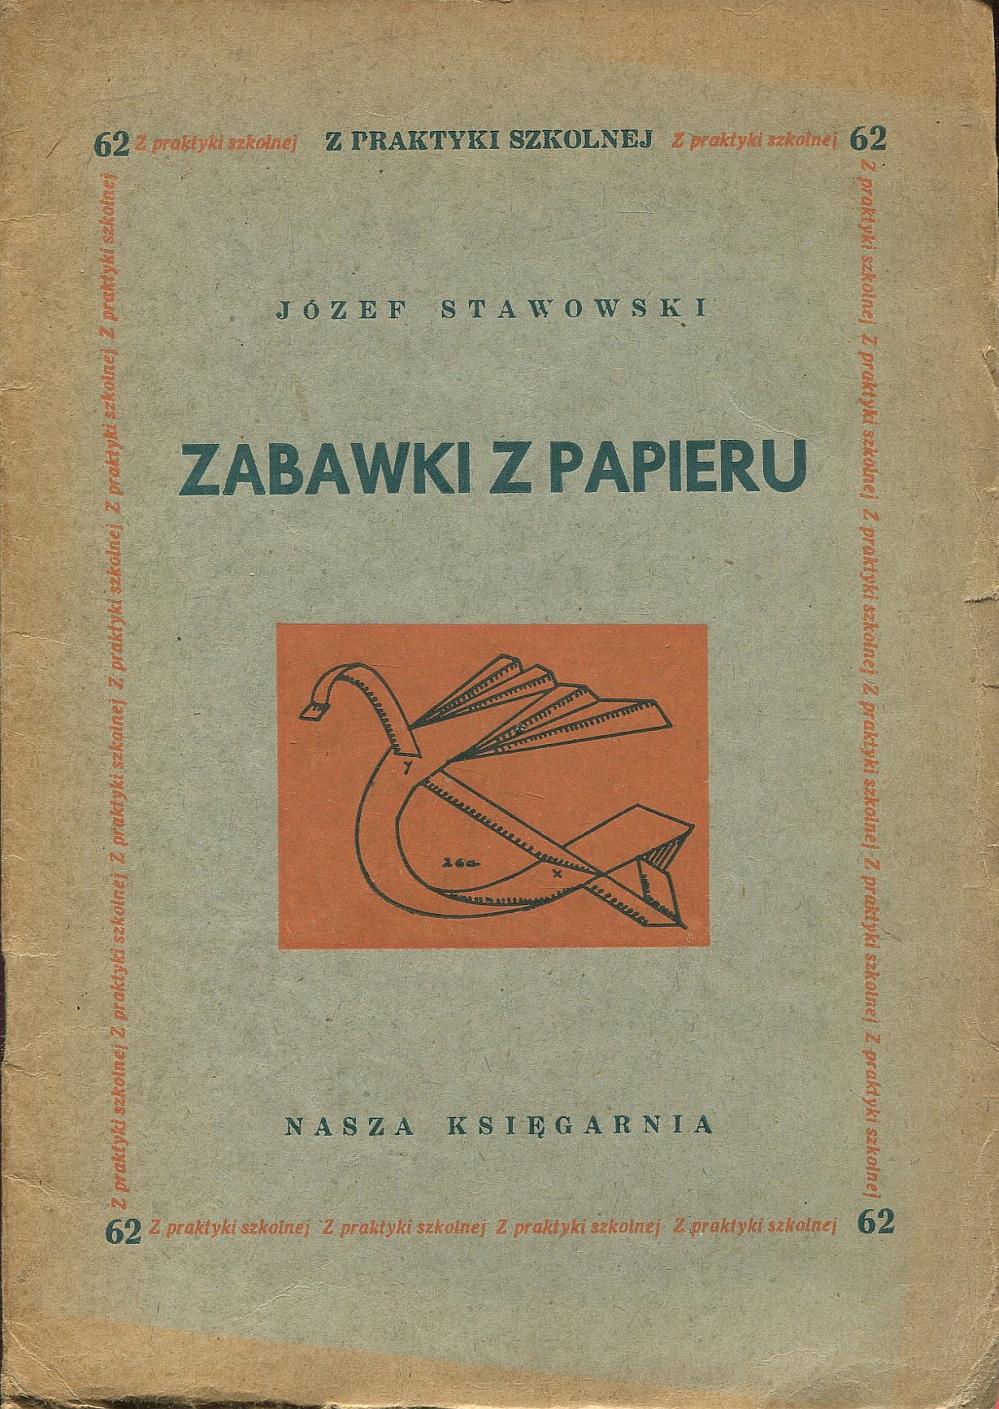 ZABAWKI Z PAPIERU Stawowski 1949 DIY prace ręczne